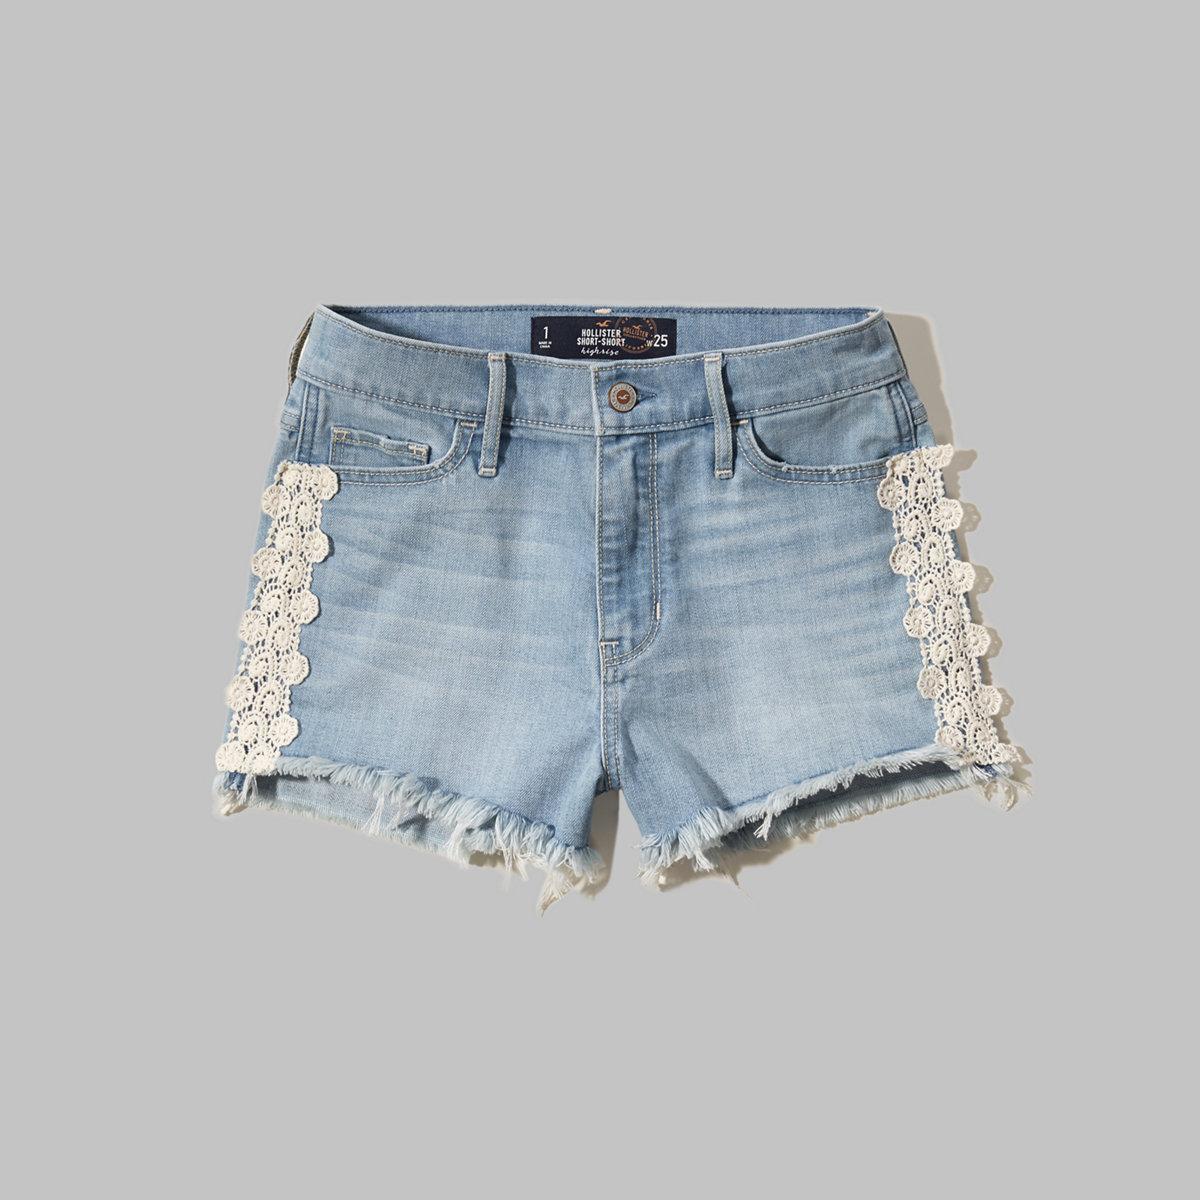 High Rise Denim Short-Shorts